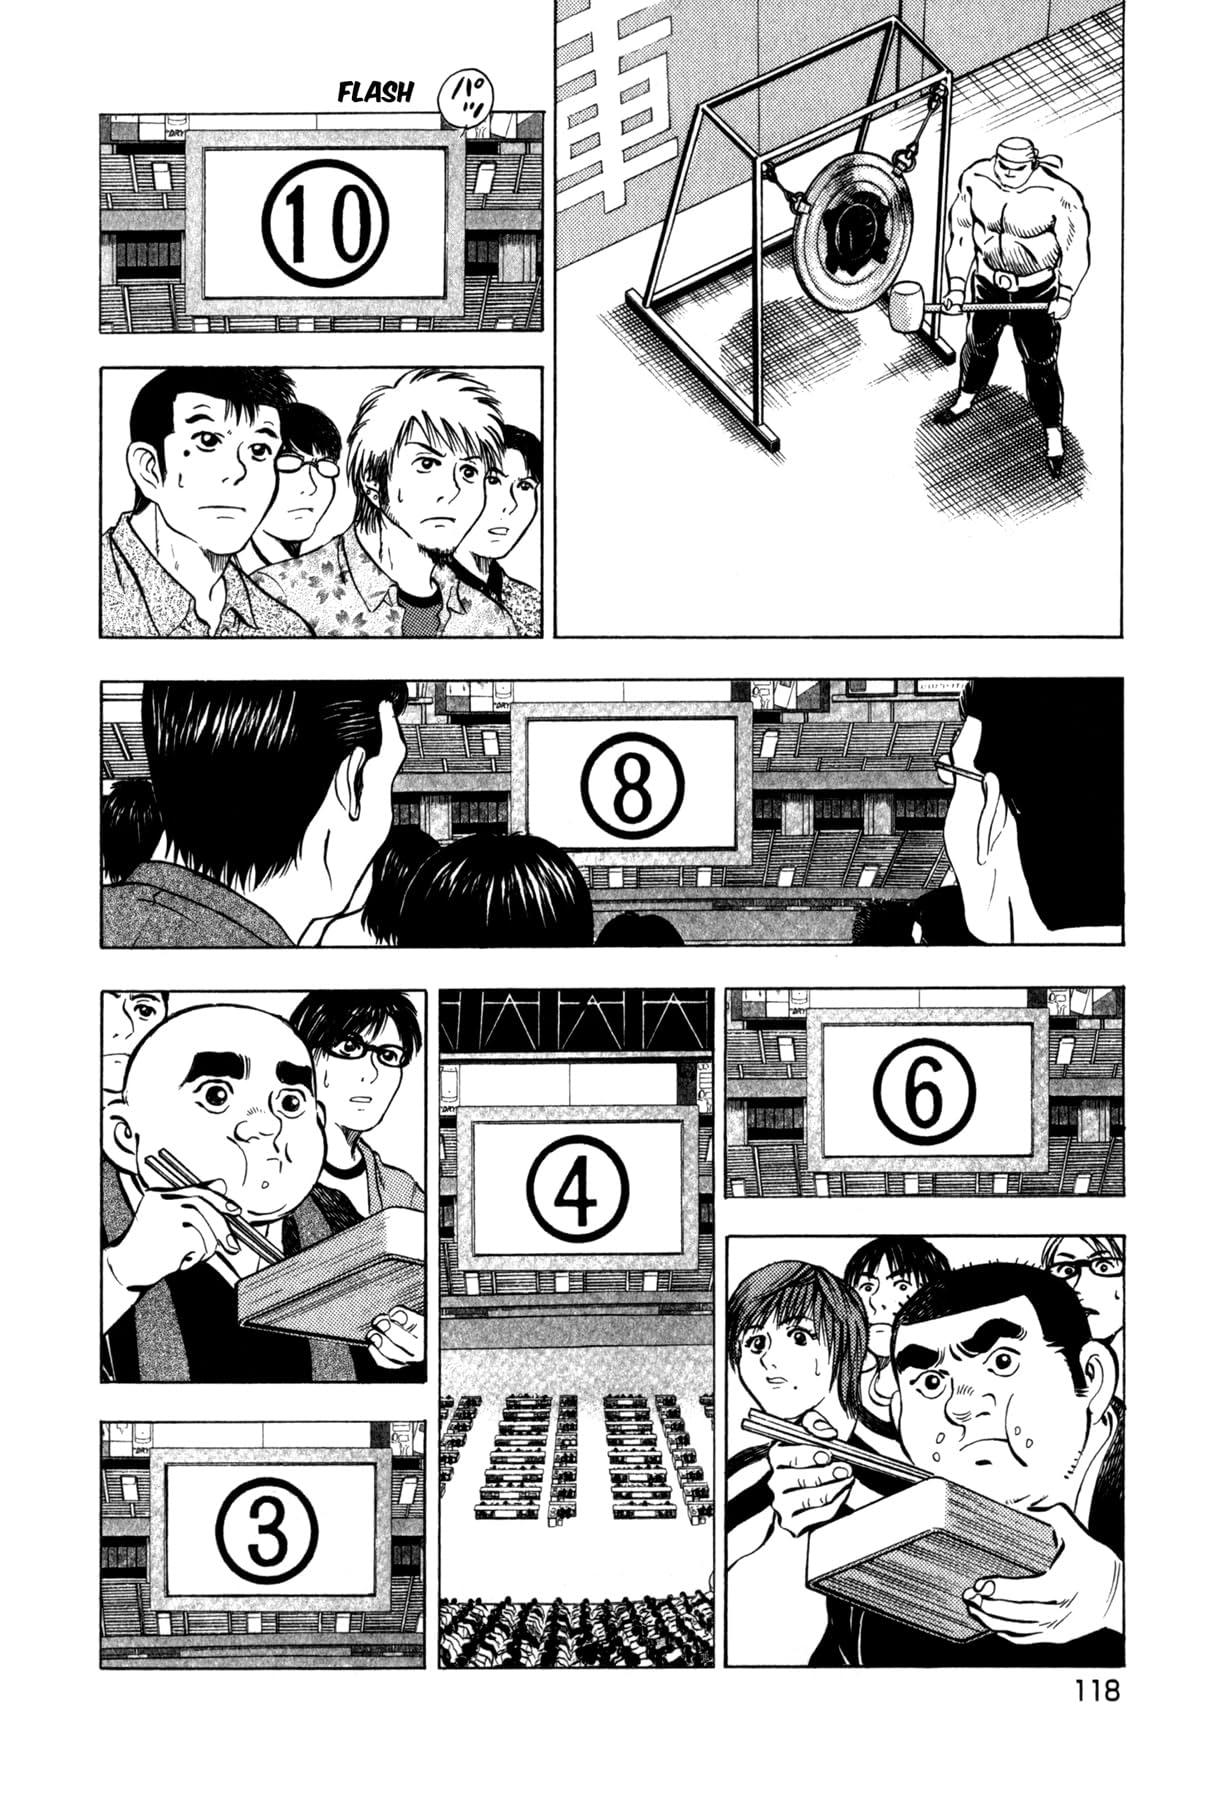 Kuishinbo! #88